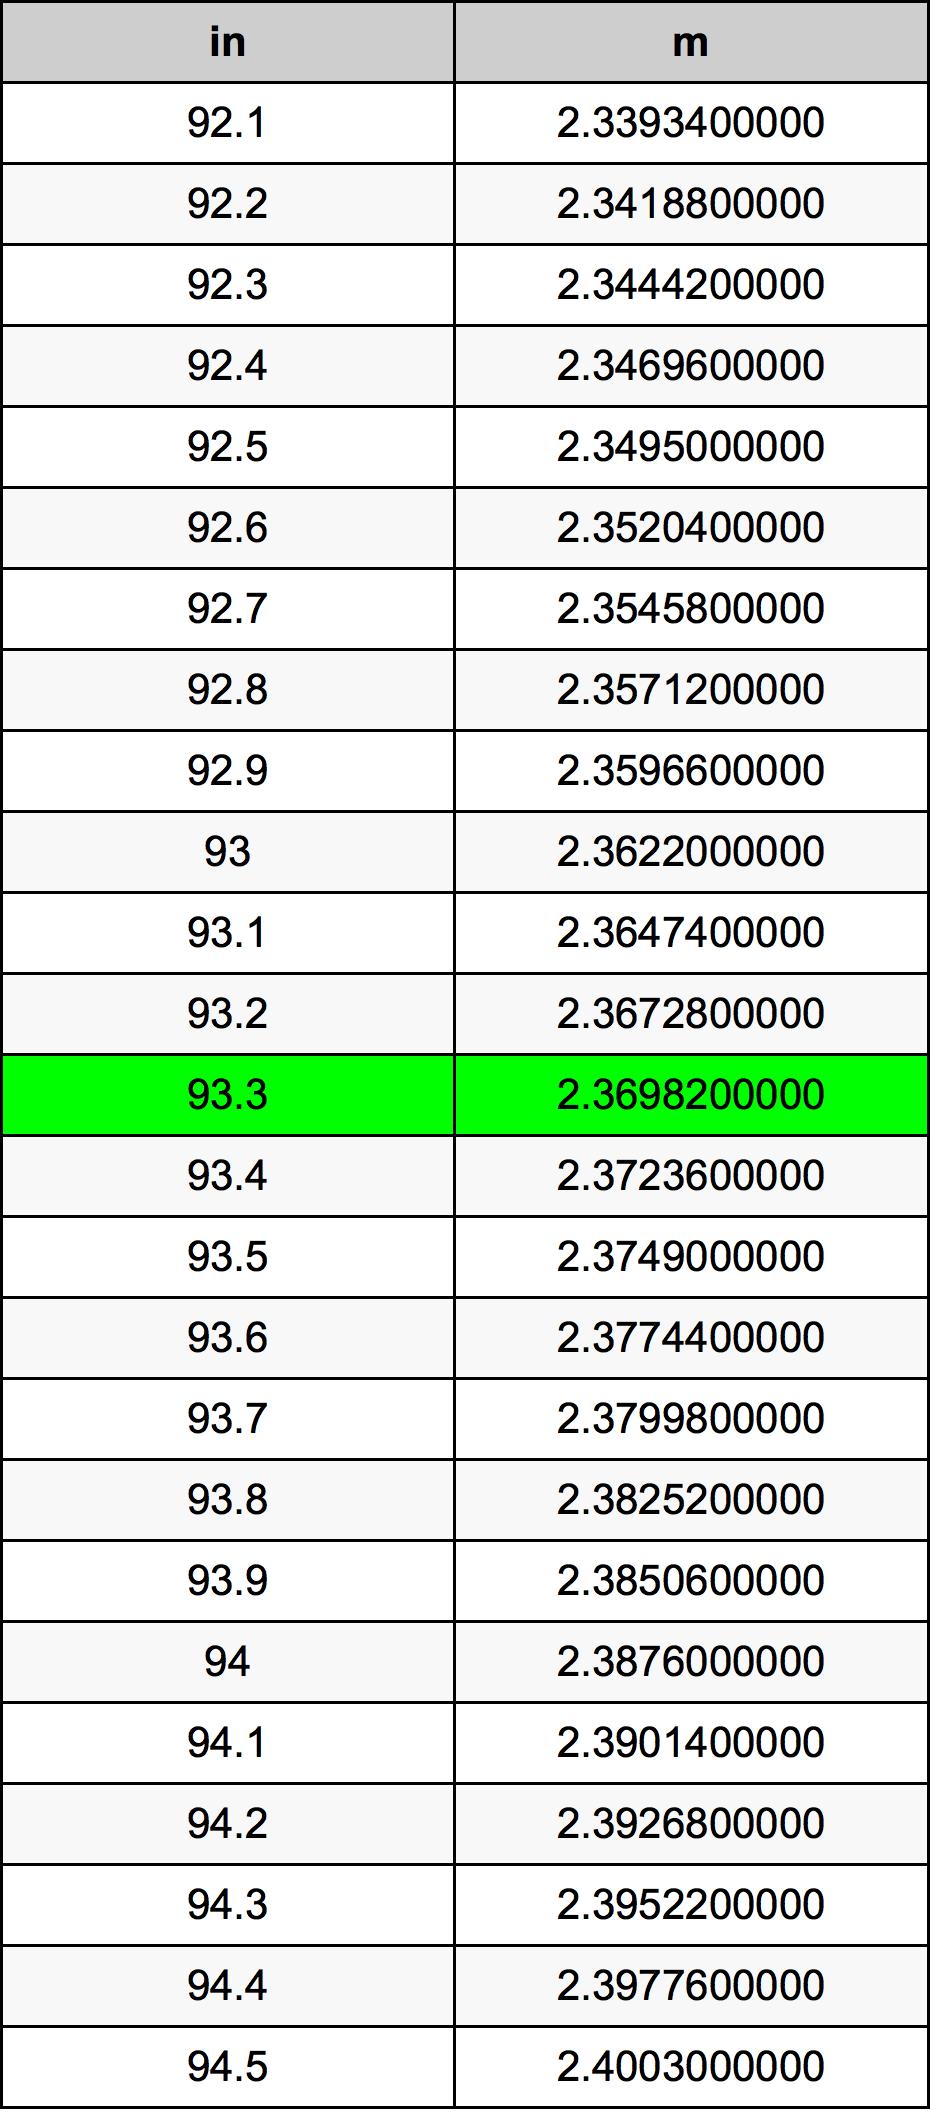 93.3 Țol tabelul de conversie